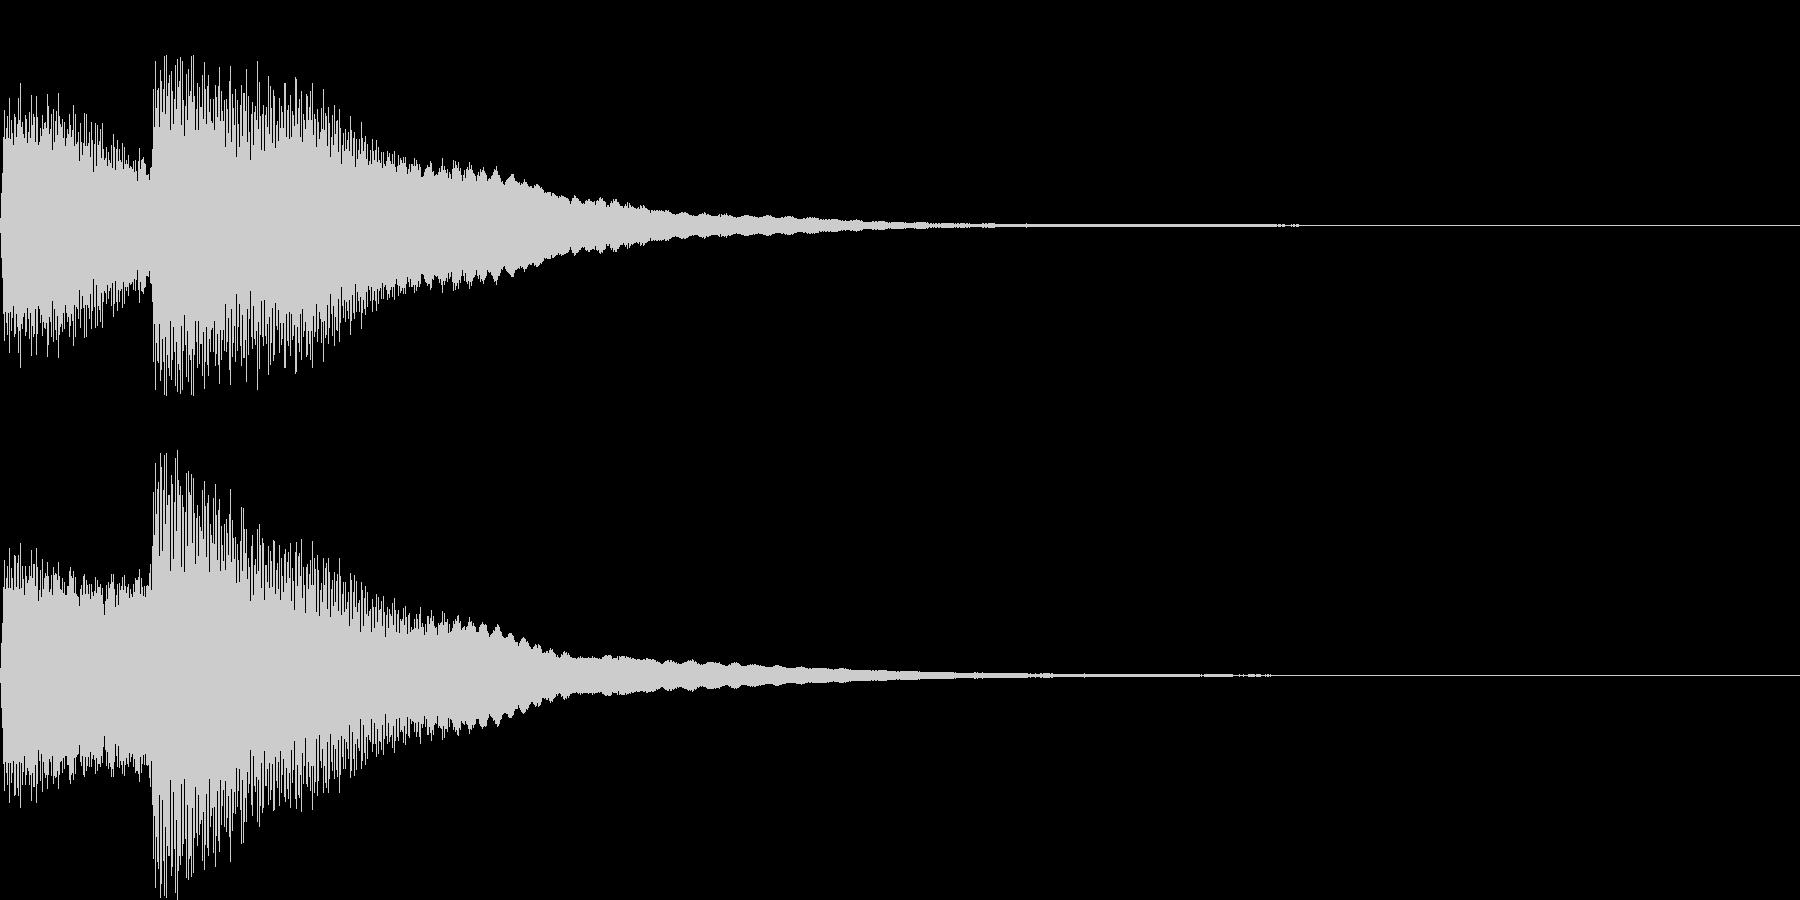 【SE】決定音04(キッキーン)の未再生の波形